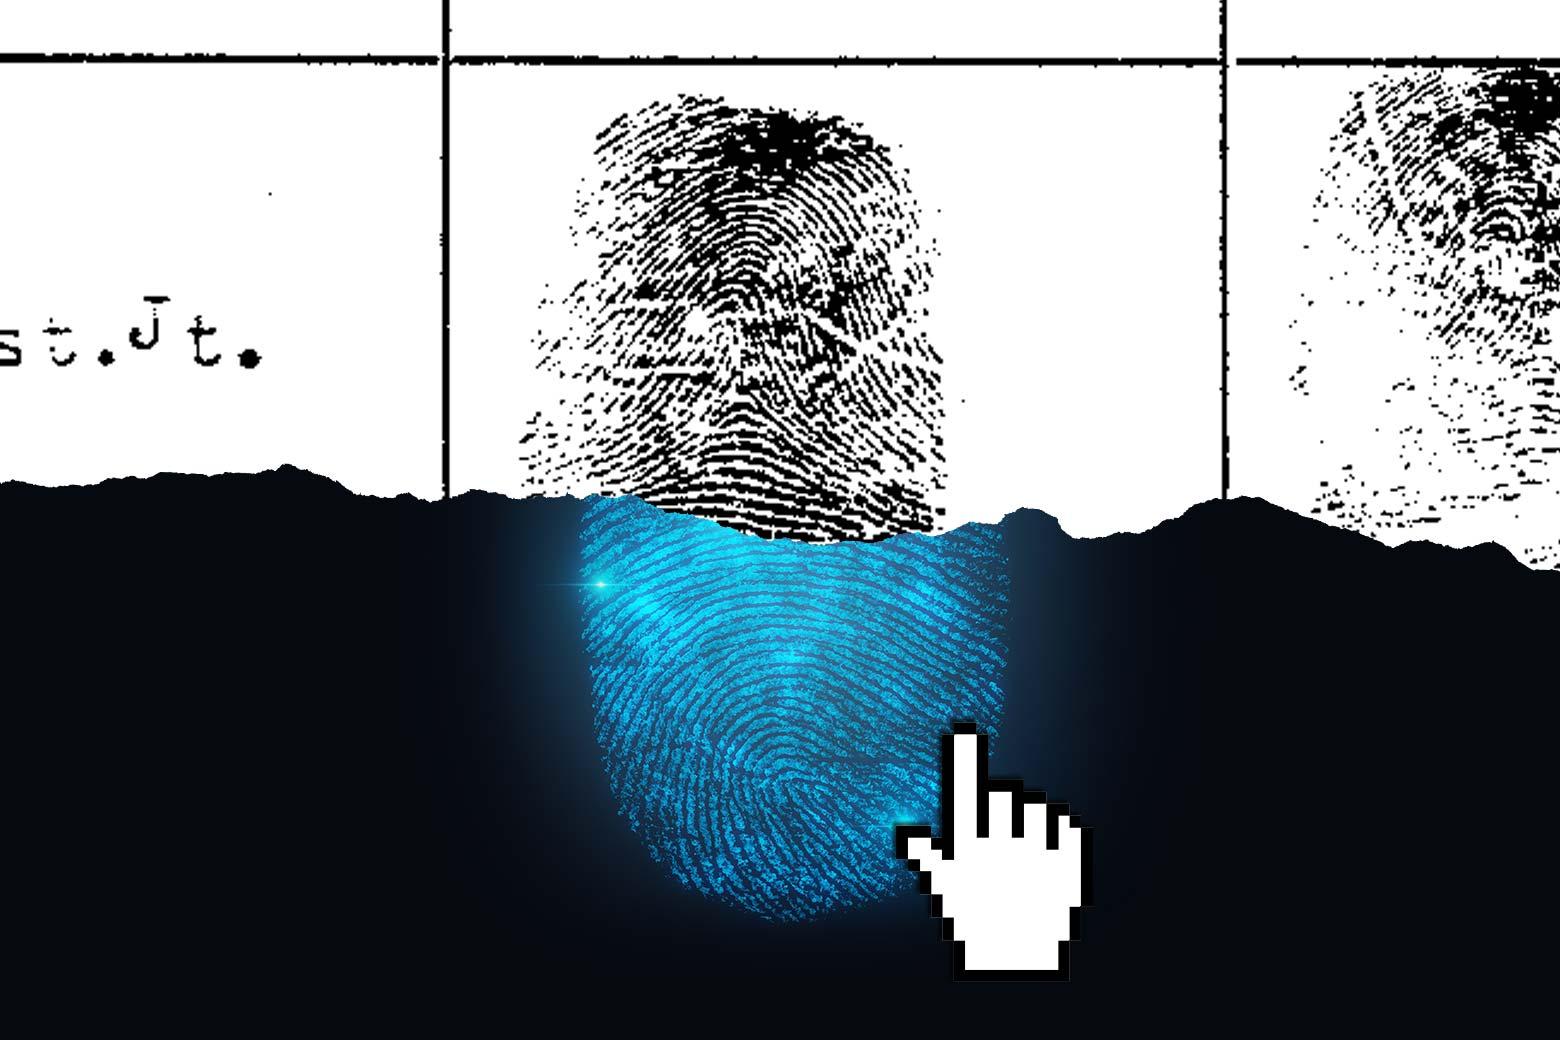 Photo illustration of a fingerprint on paper and ink and a digital fingerprint